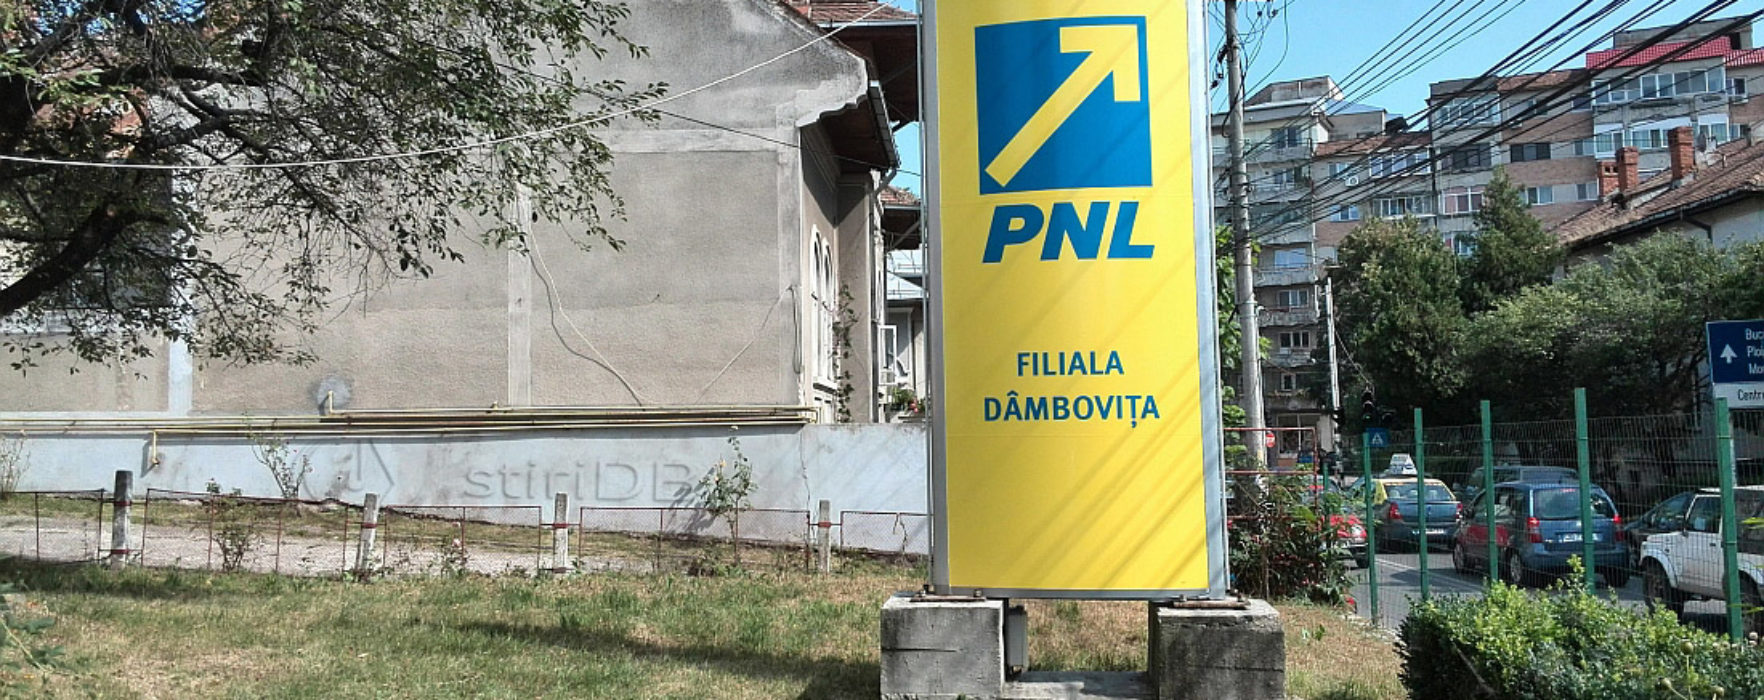 PNL Dâmboviţa a plecat în concediu de la începutul verii şi nu s-a mai întors